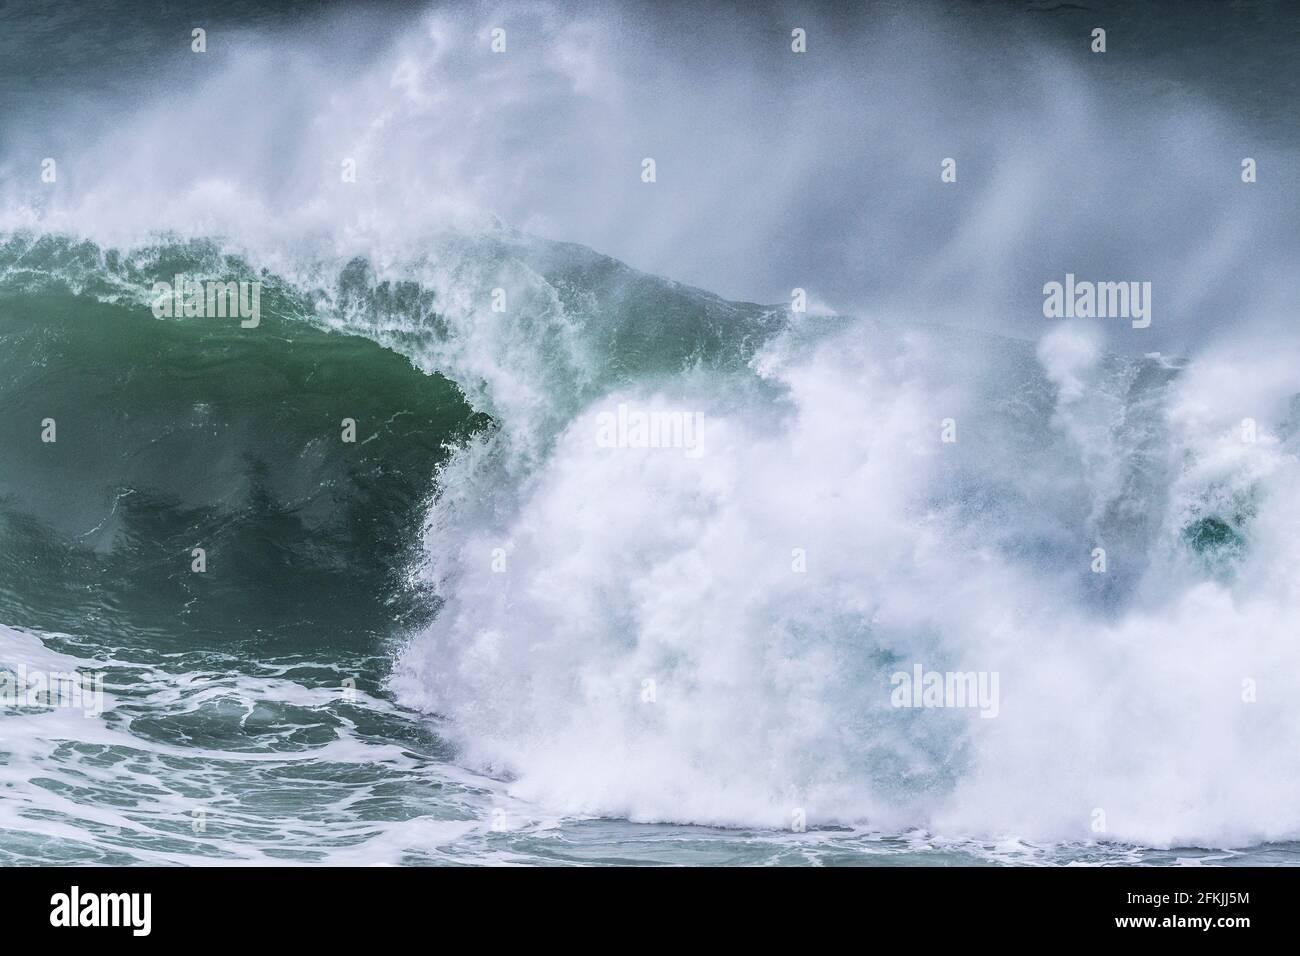 Eine wilde Welle bricht am Cribbar Reef vor Towan Head in Newquay in Cornwall. Stockfoto